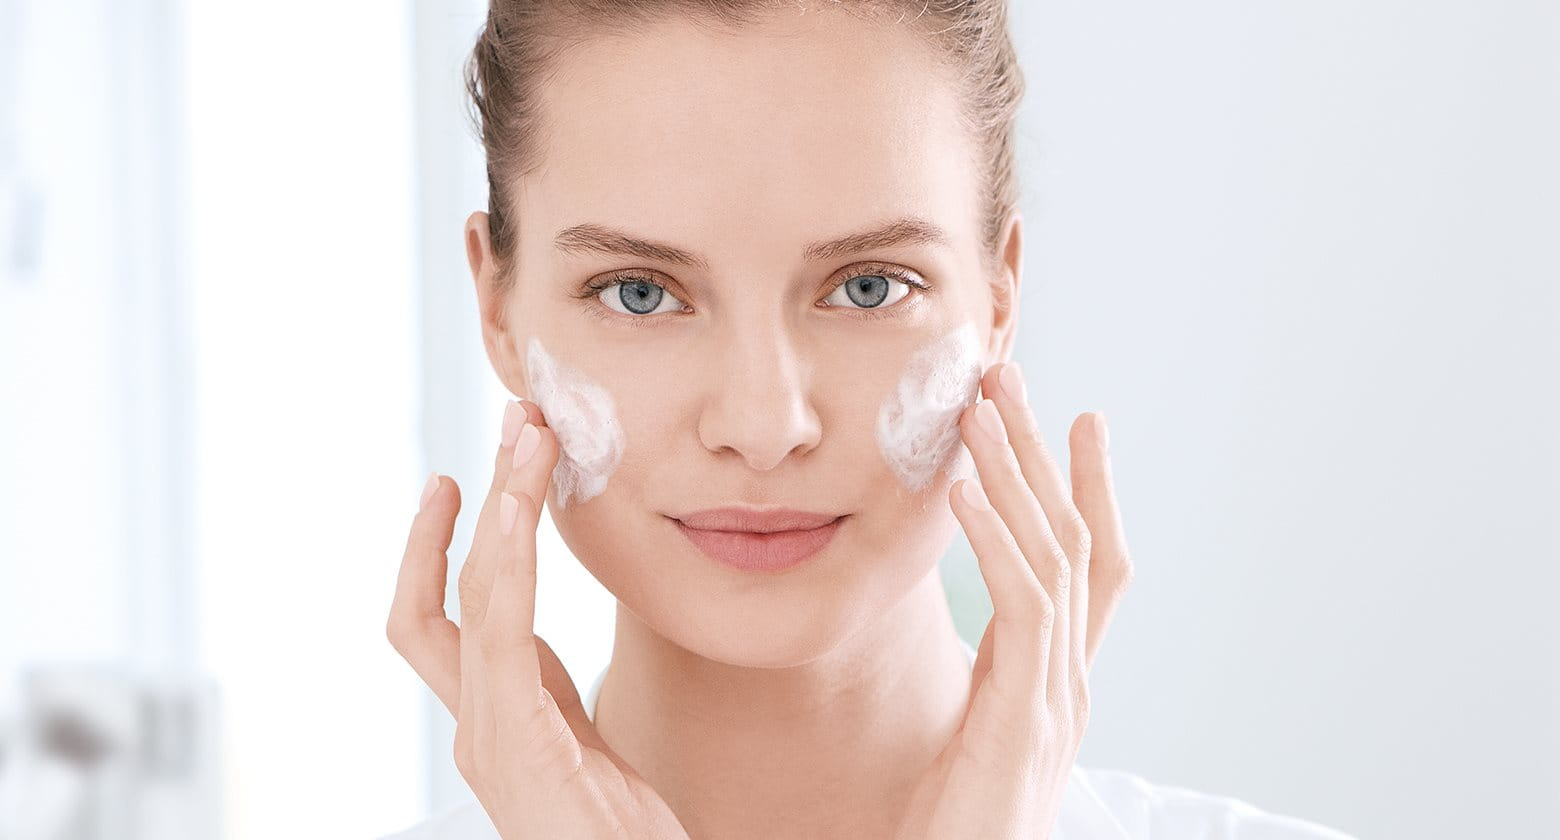 El cuidado rutinario de la piel propensa al acné y productos para el cuidado de la piel con tendencia acneica.